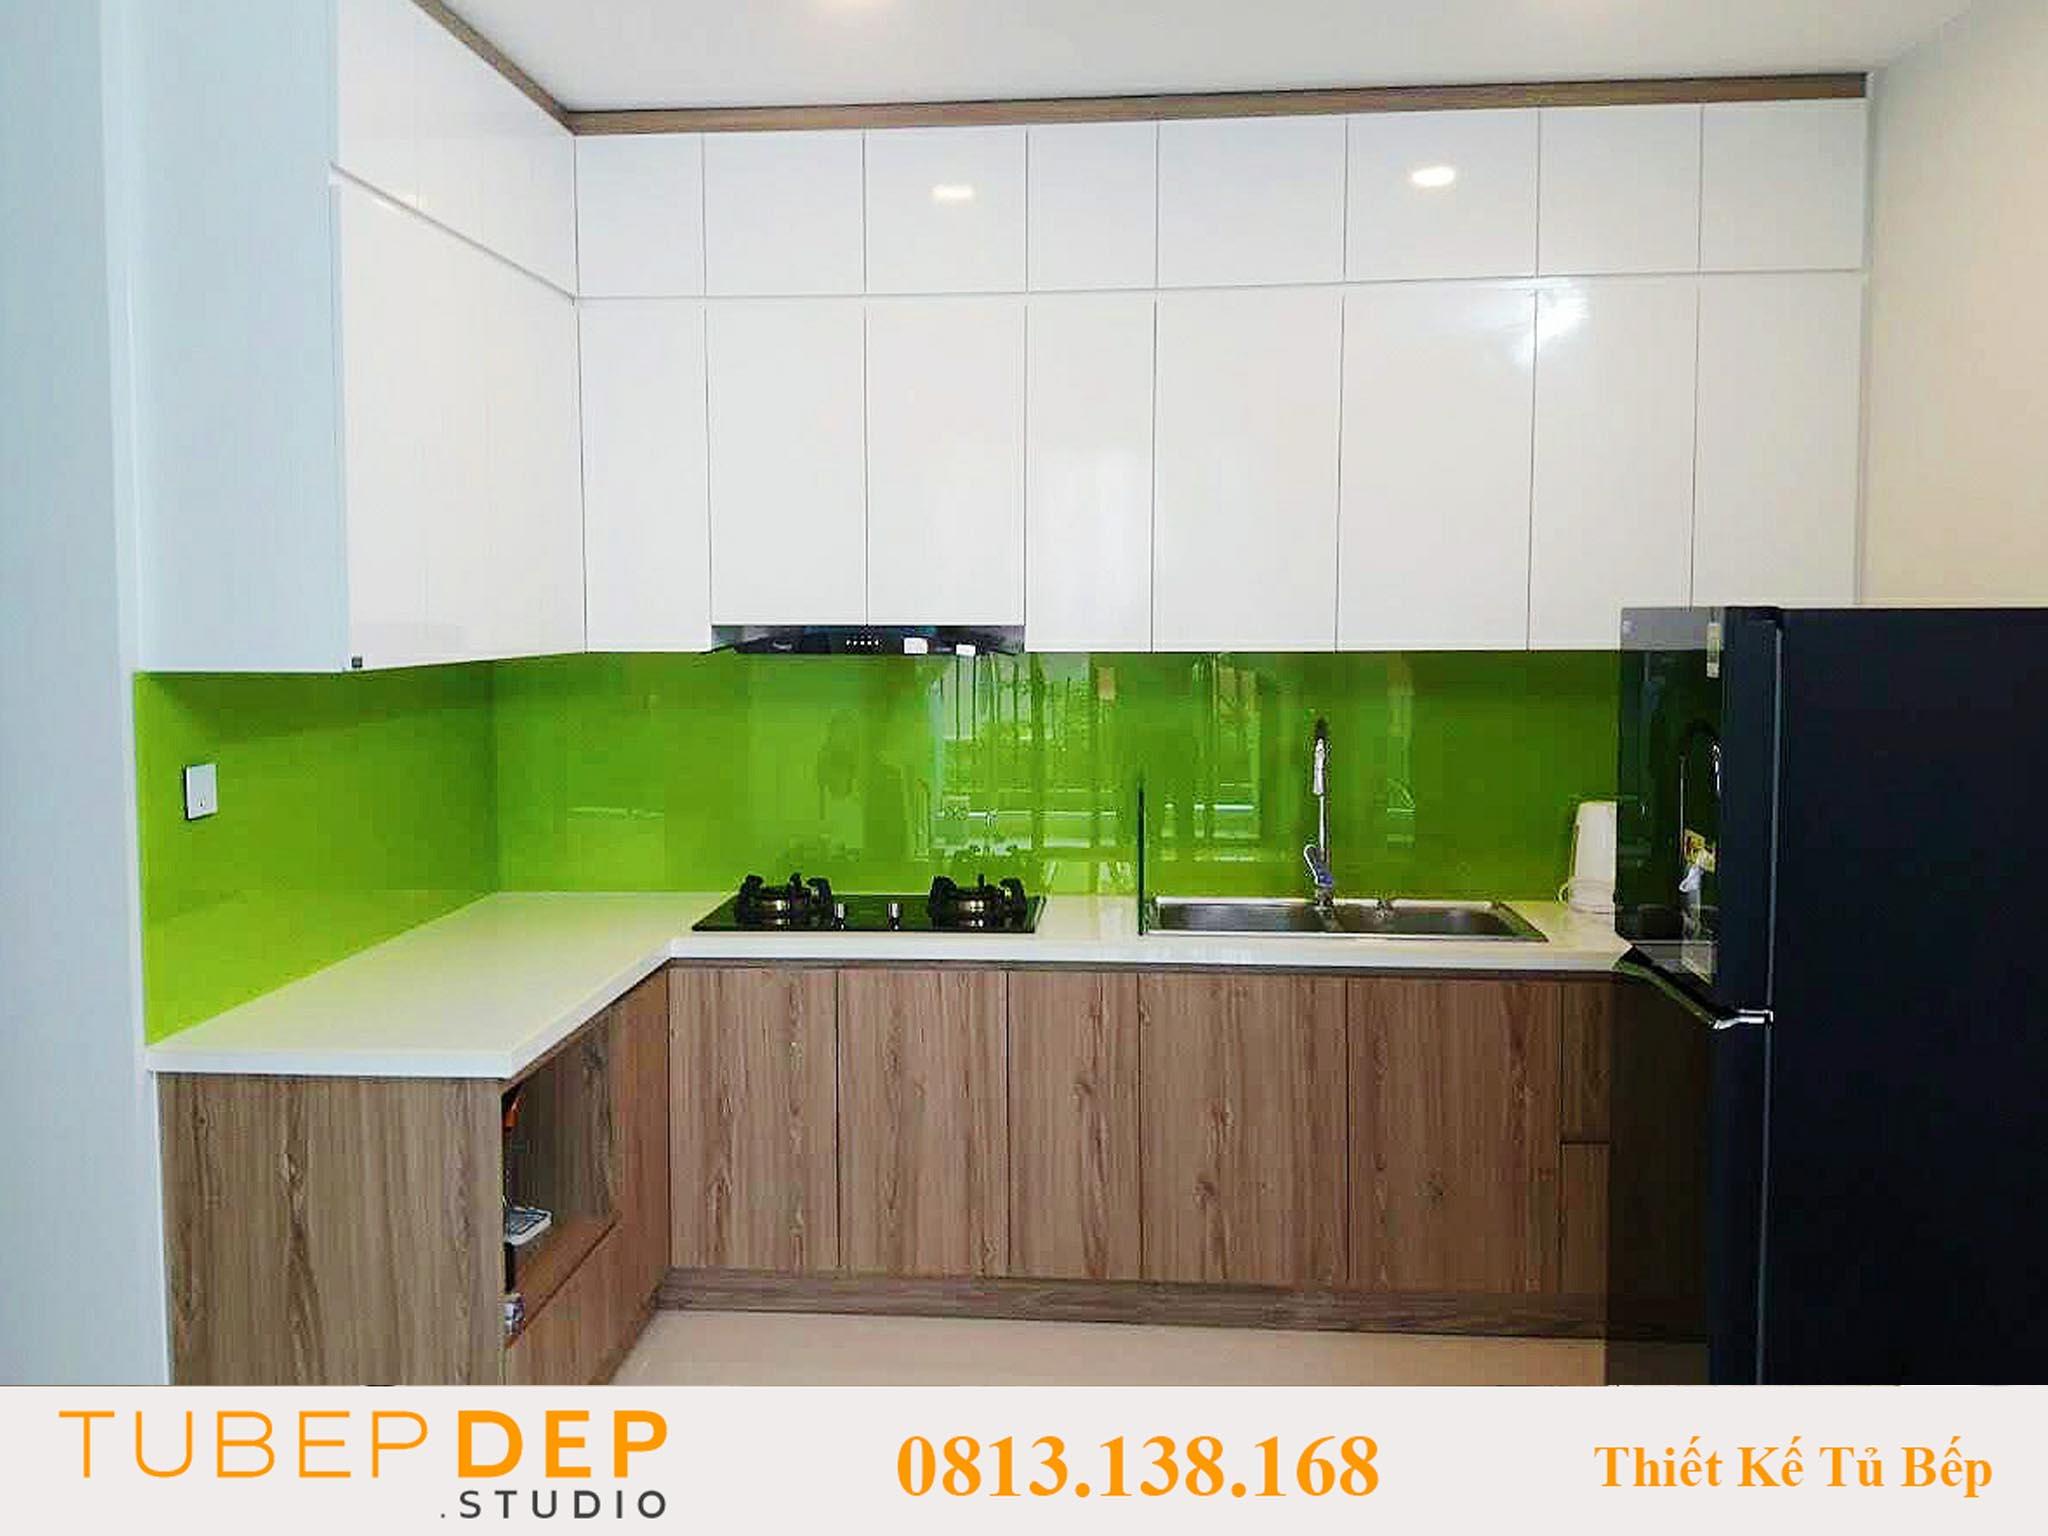 Cơ sở thiết kế tủ bếp bằng gỗ Pallet tại Tân Phú